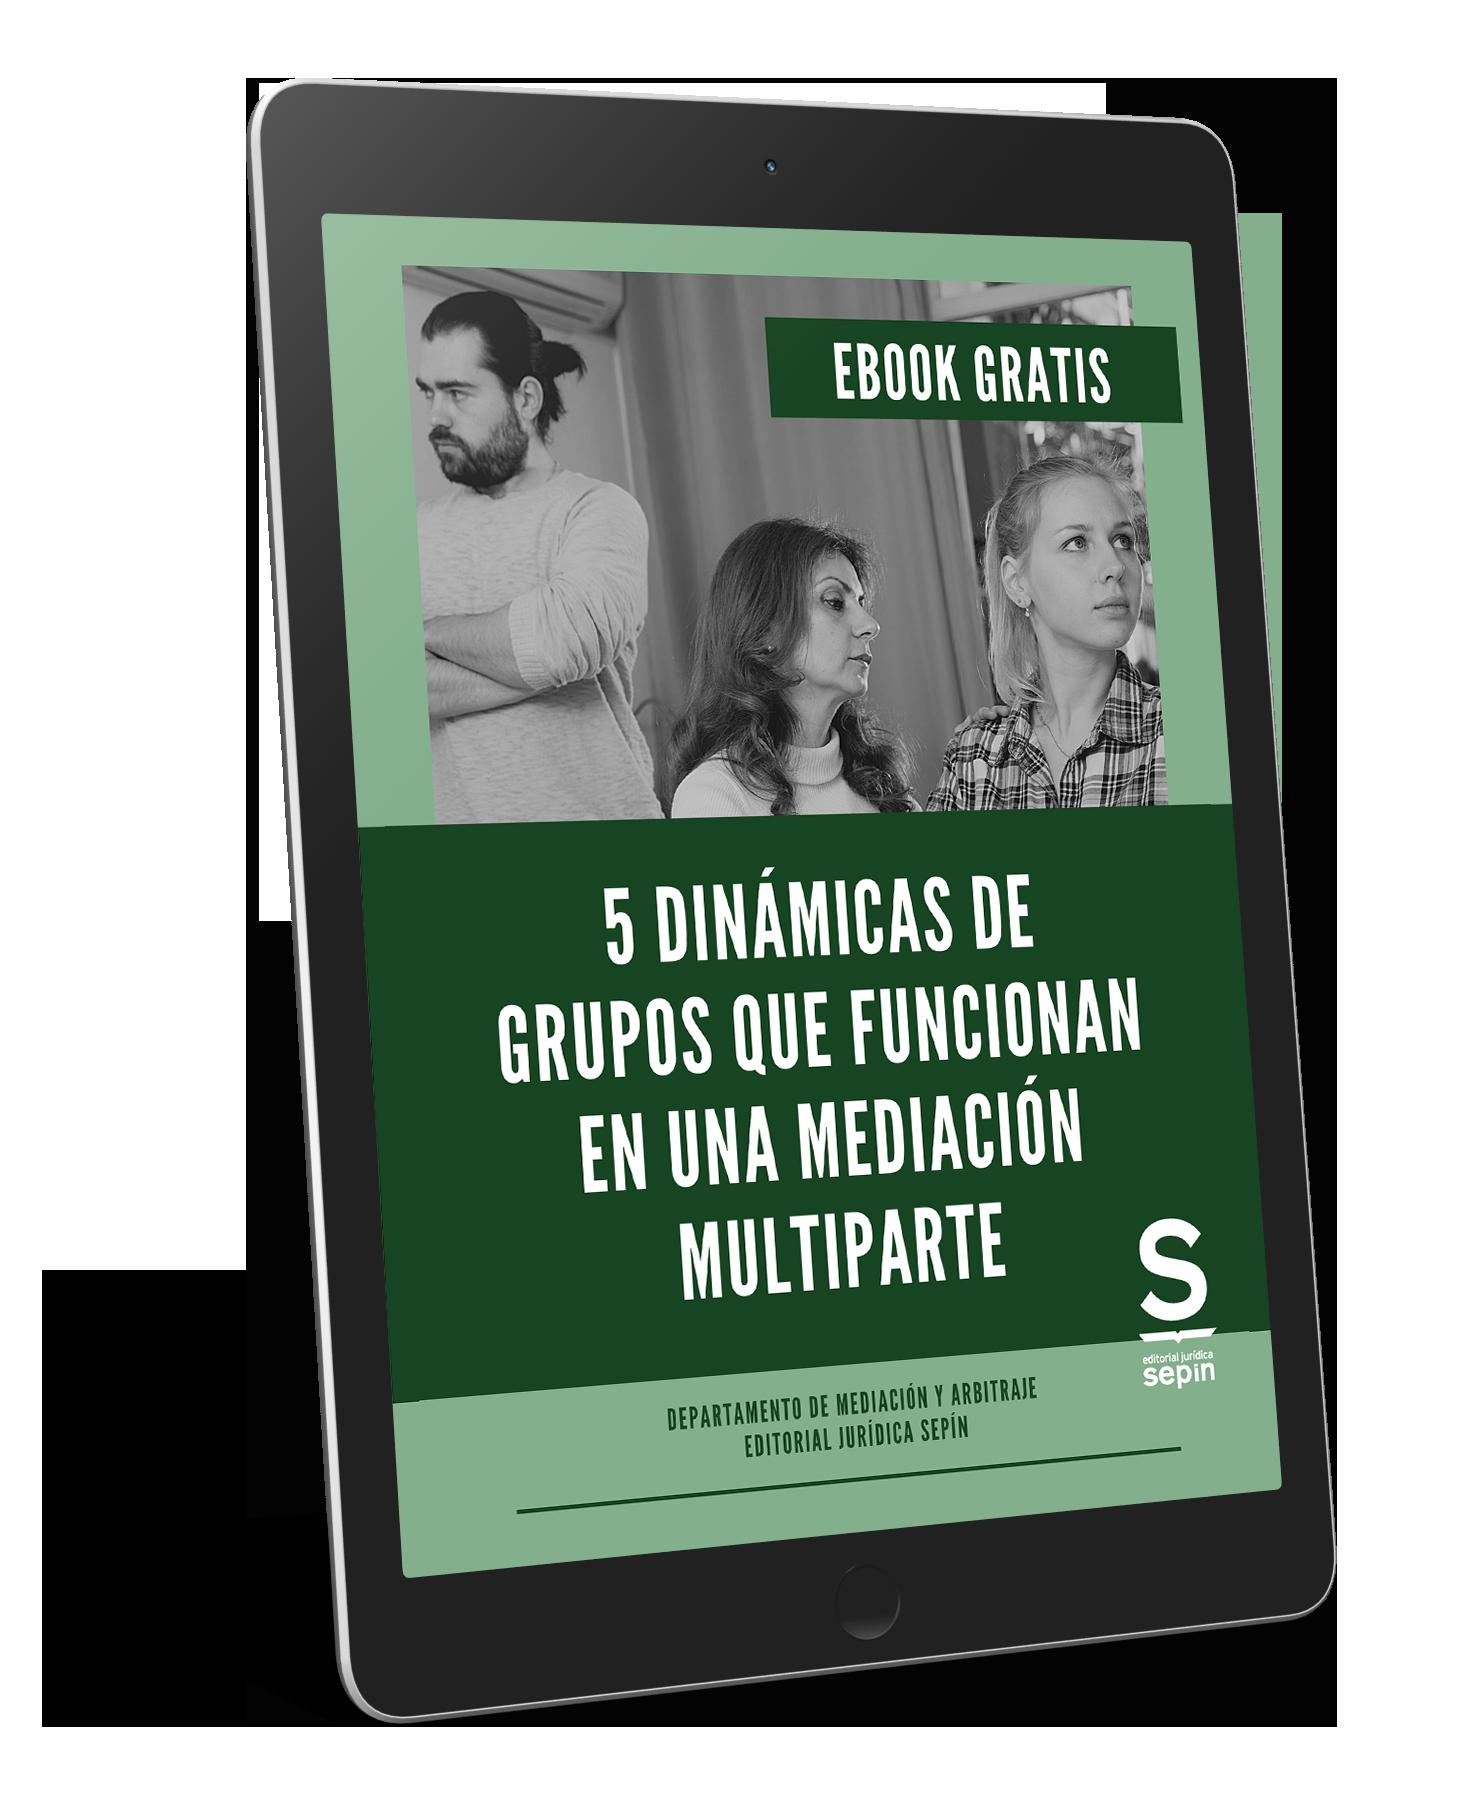 Ebook-5 Dinámicas de grupos que funcionan en una mediación multiparte